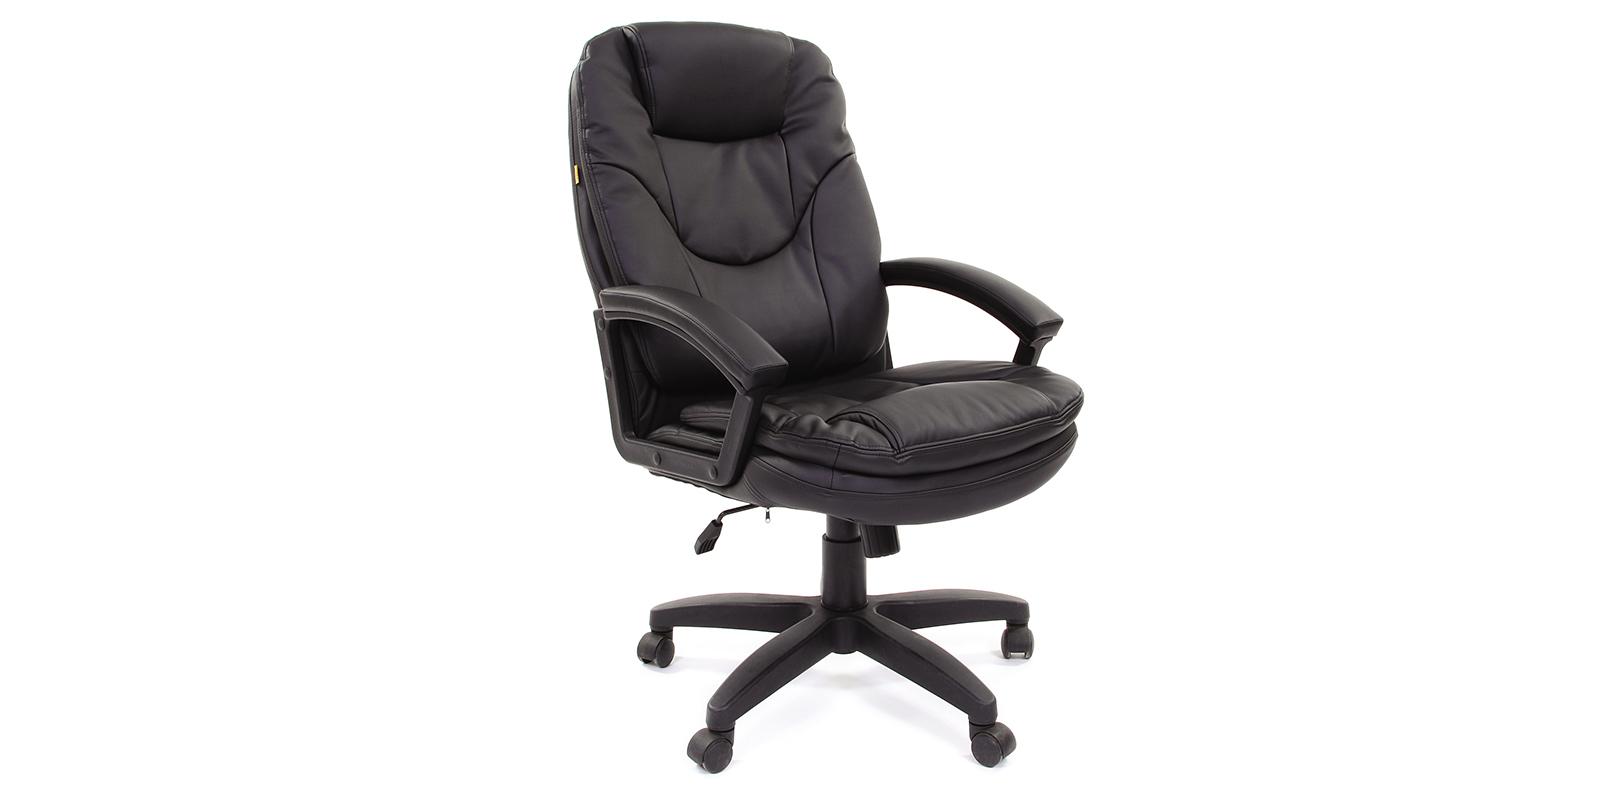 Кресло для руководителя Chairman 668 вариант №2 (черный)